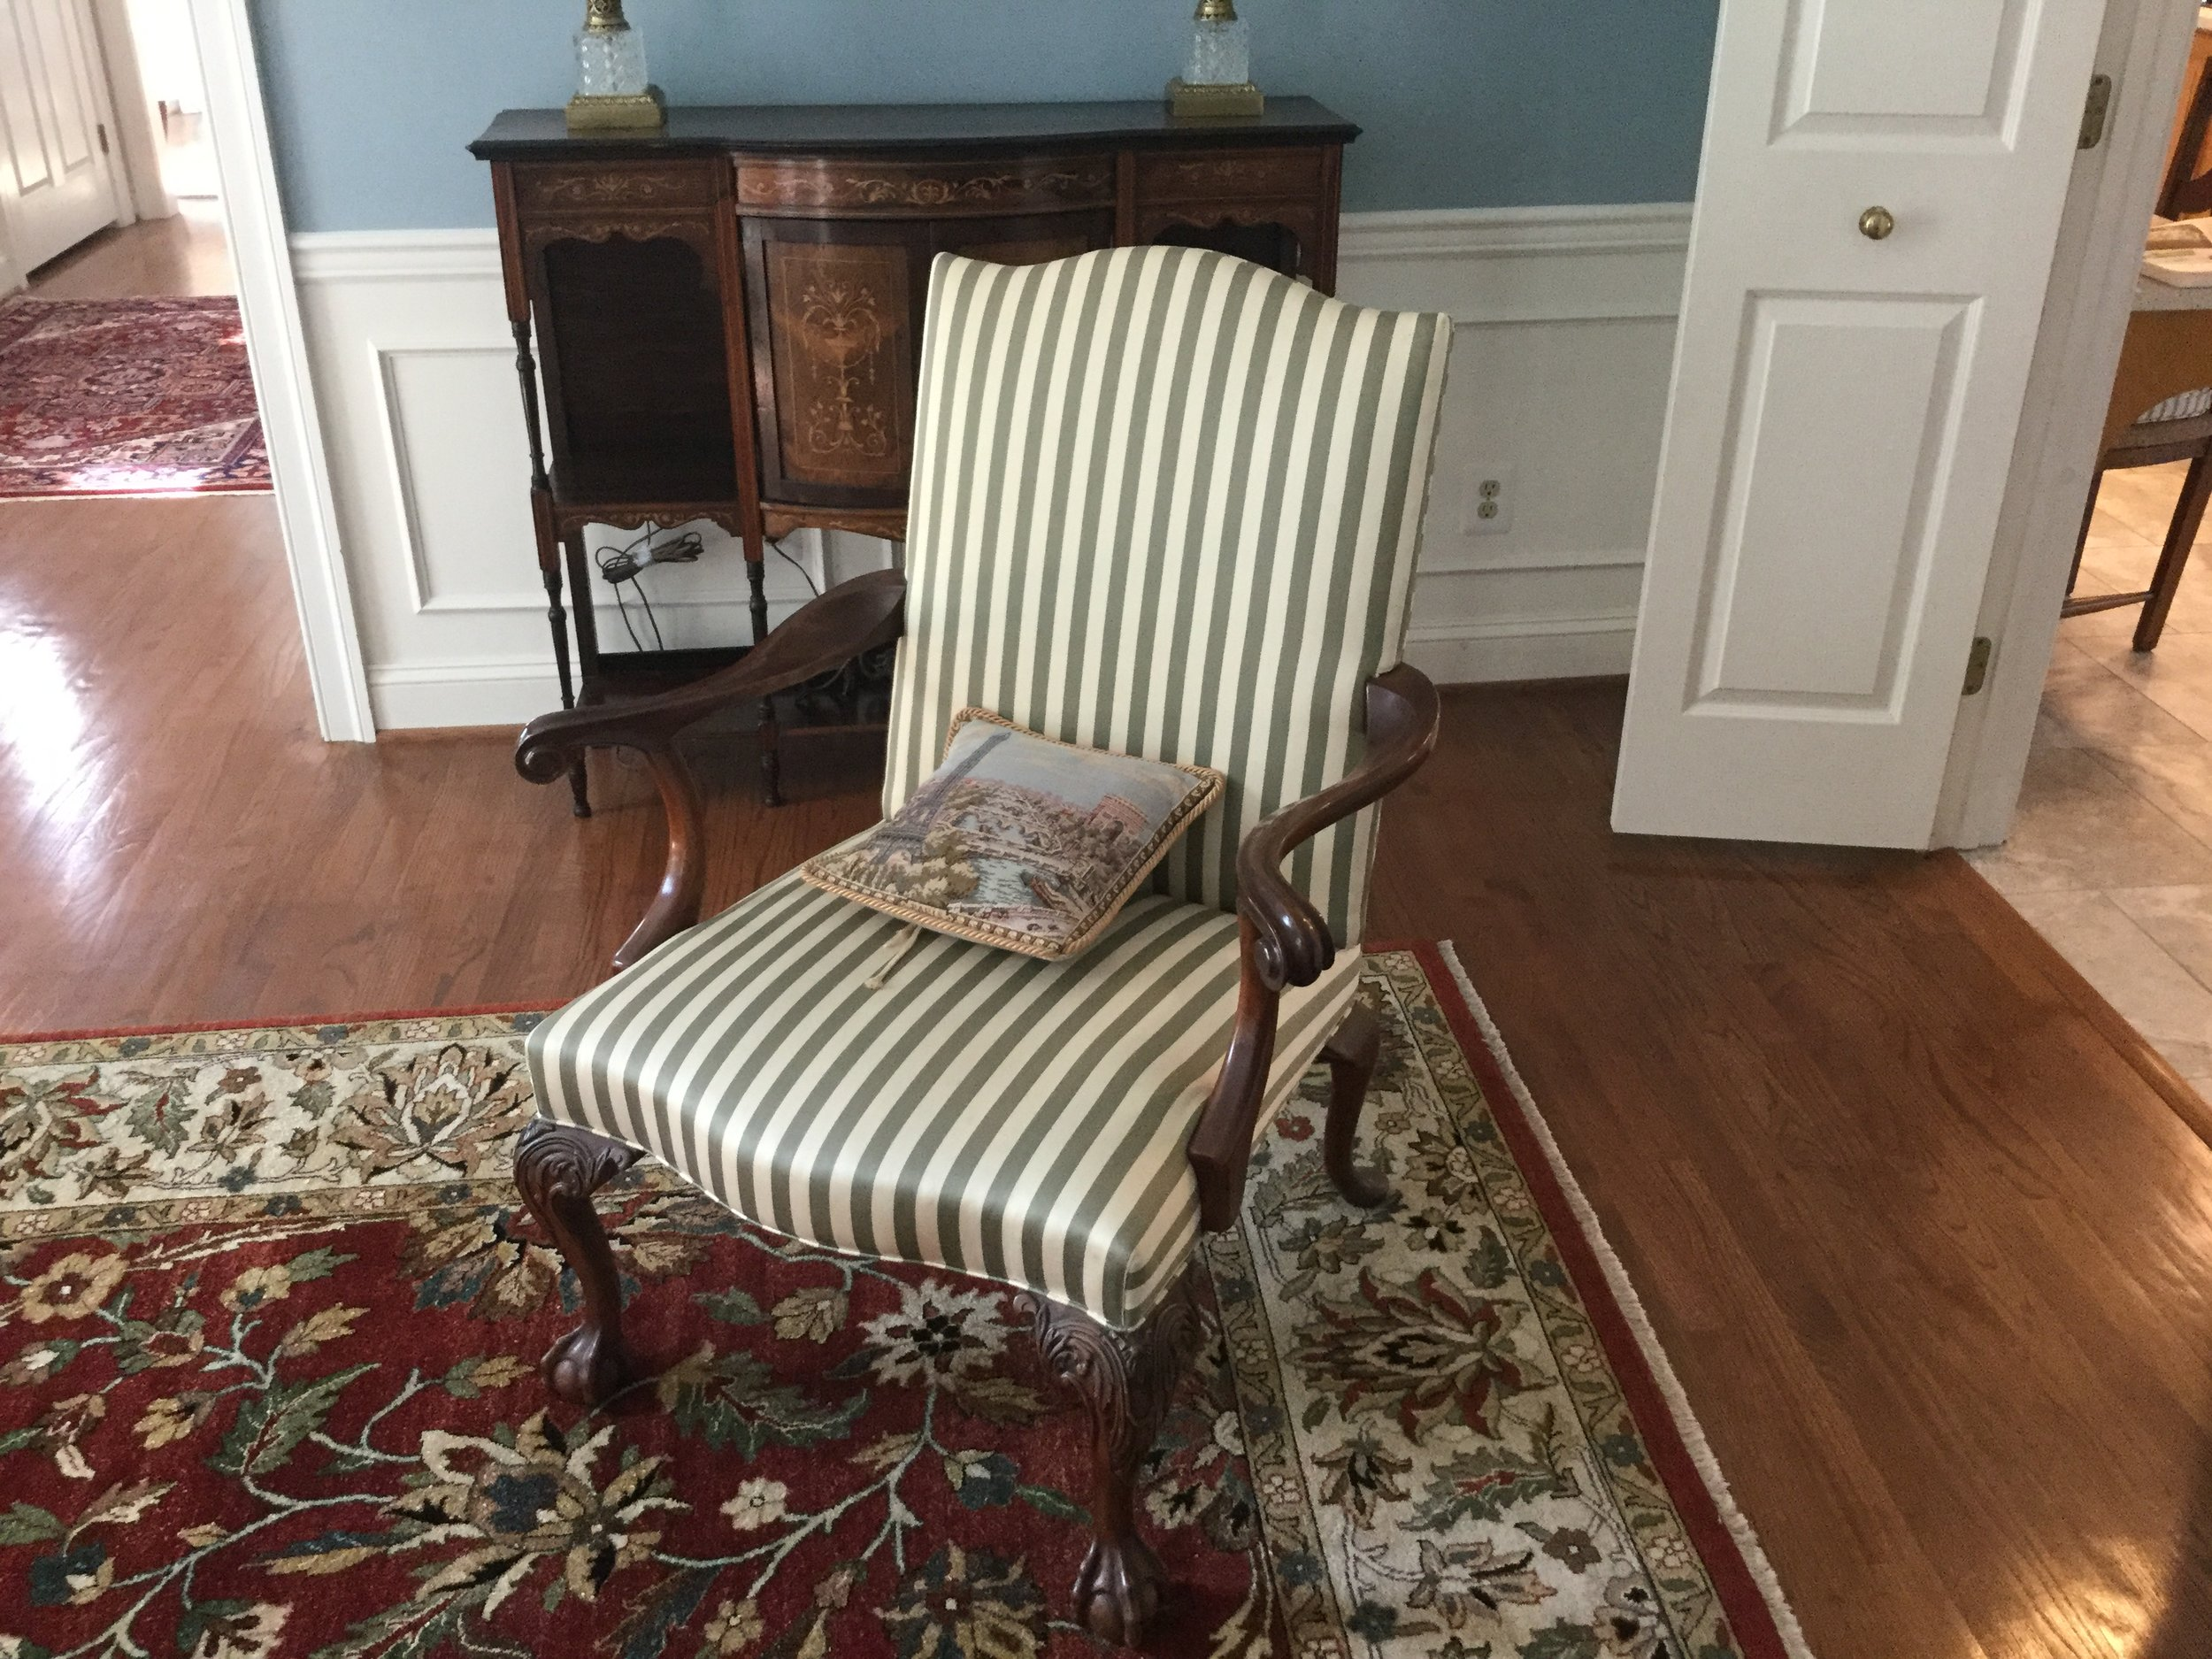 Original chair before reupholstering.